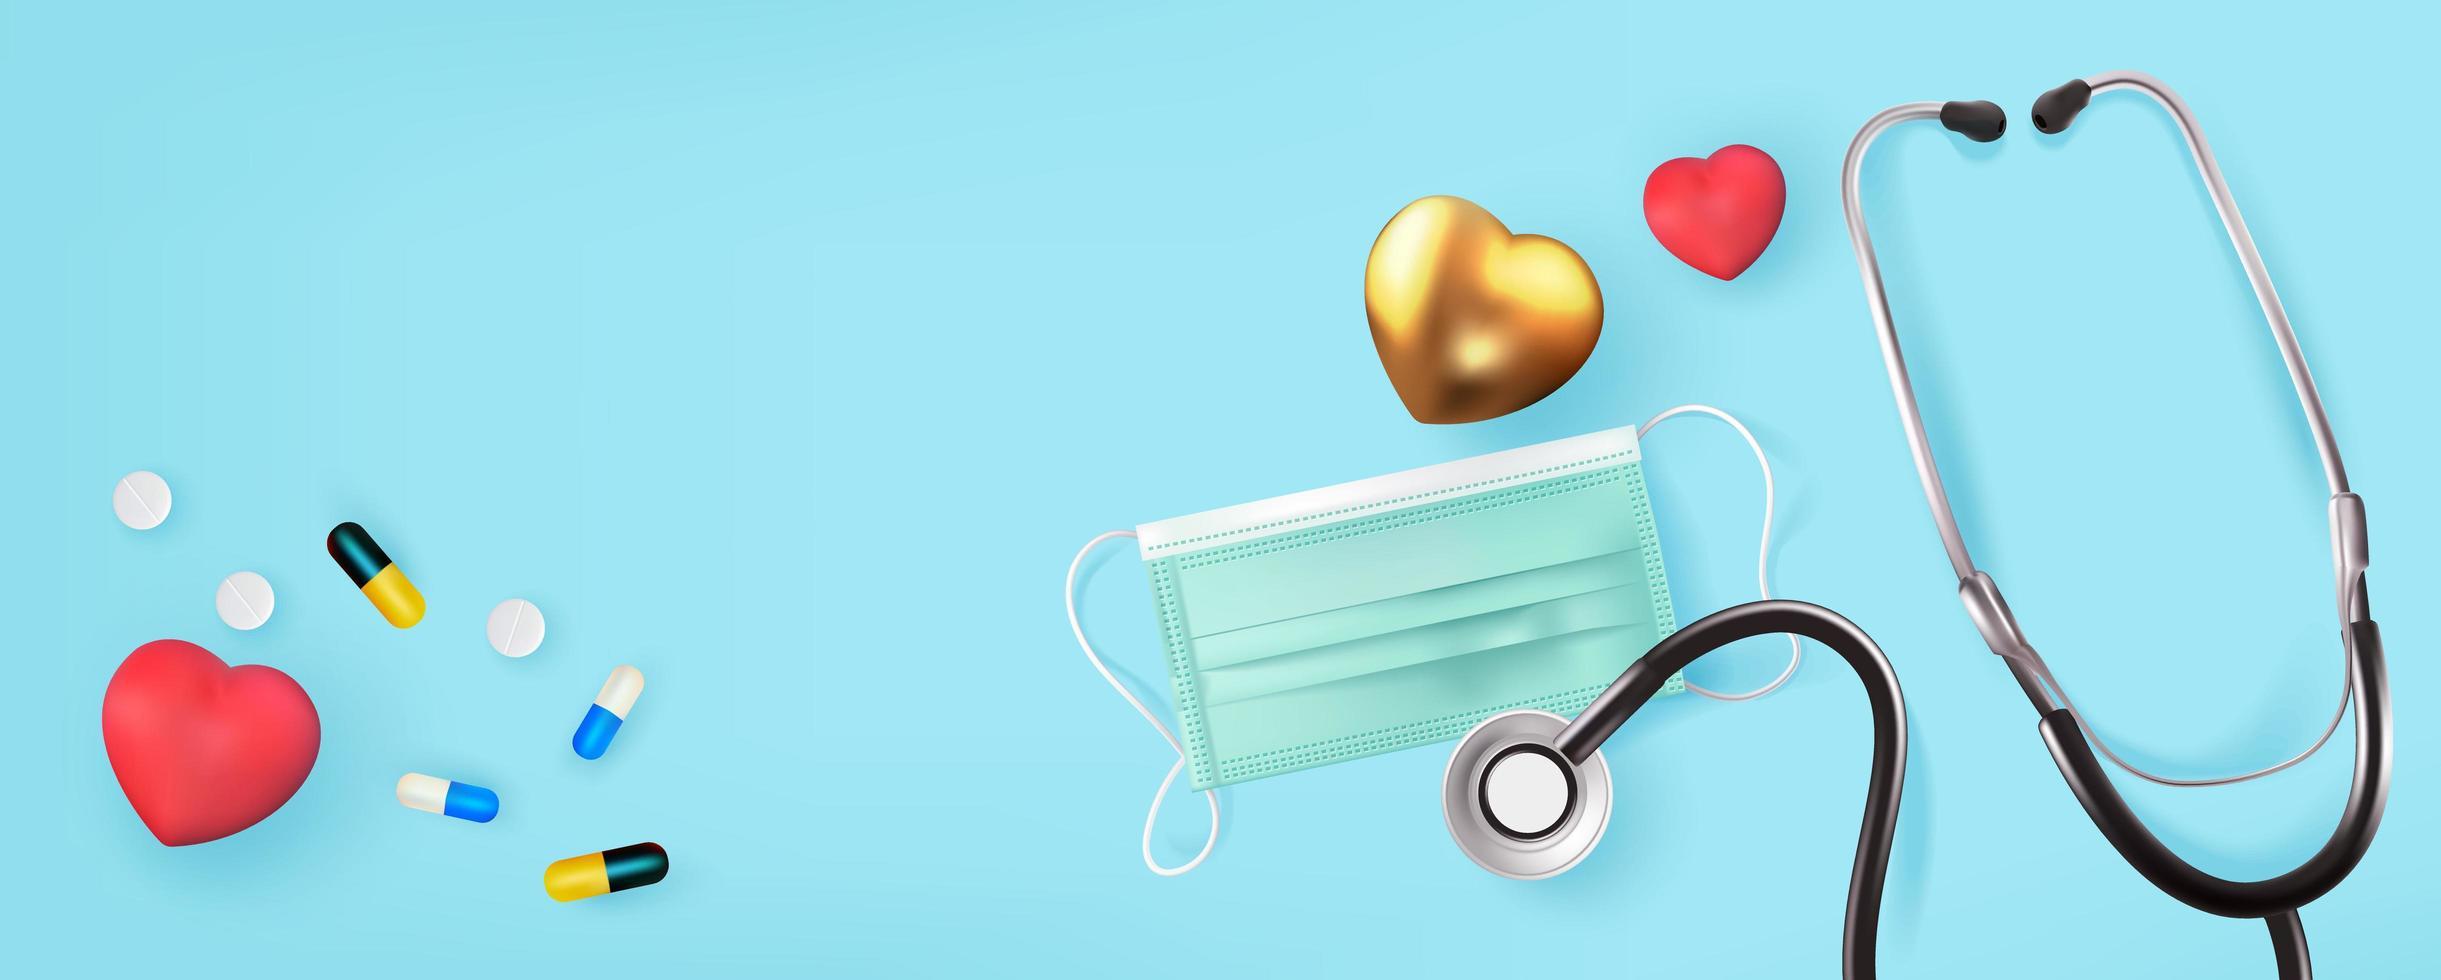 stetoskop och ansiktsmask med hjärtan på ljusblått vektor